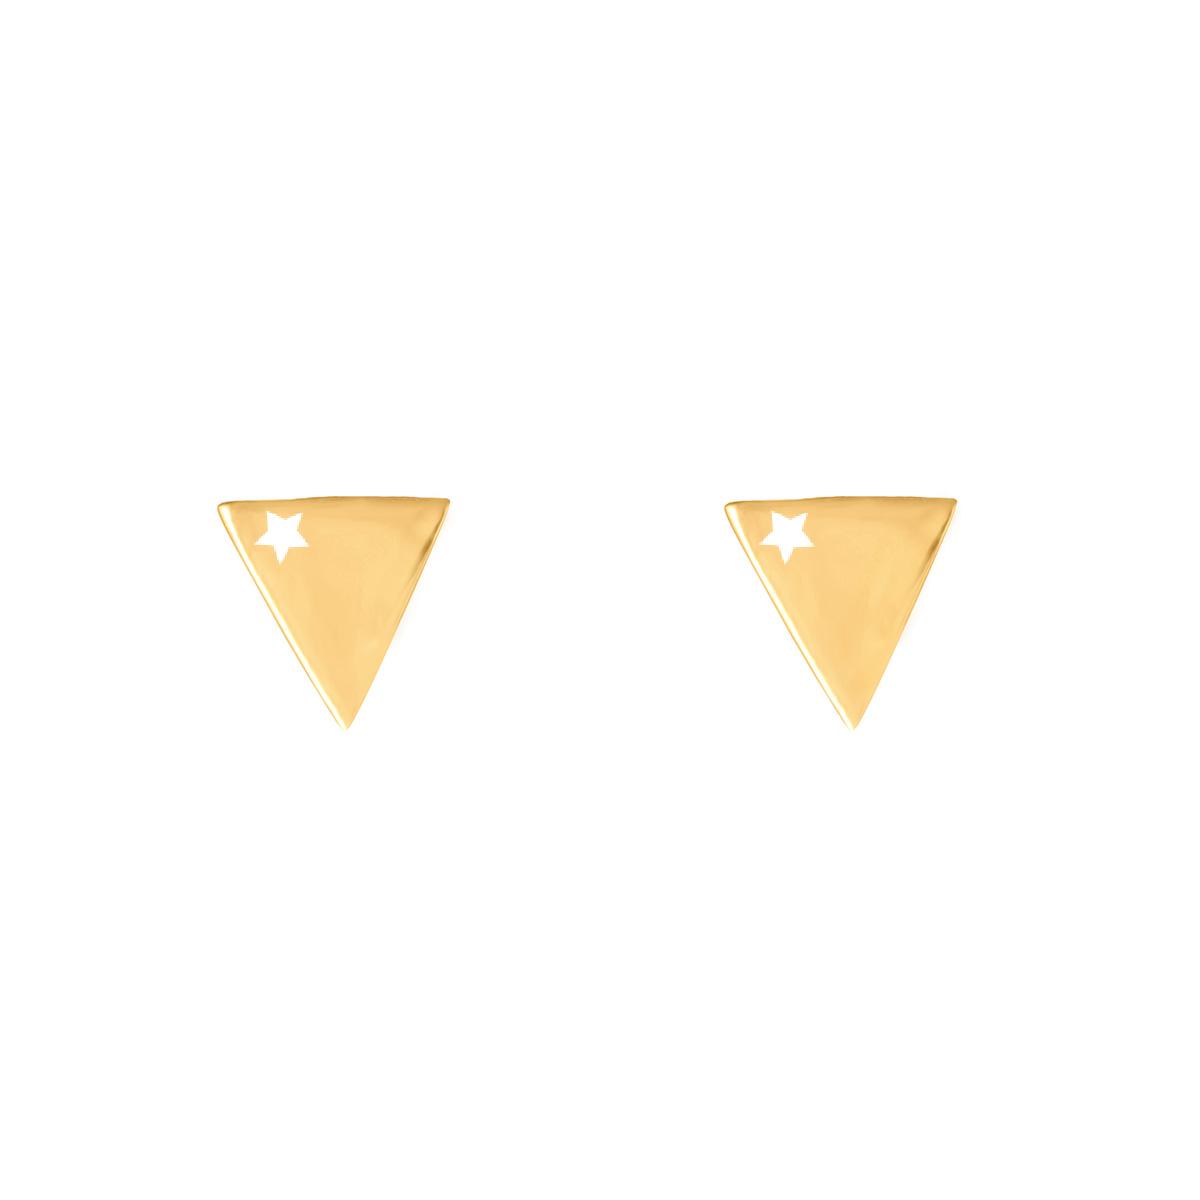 گوشواره طلا مثلث و ستاره